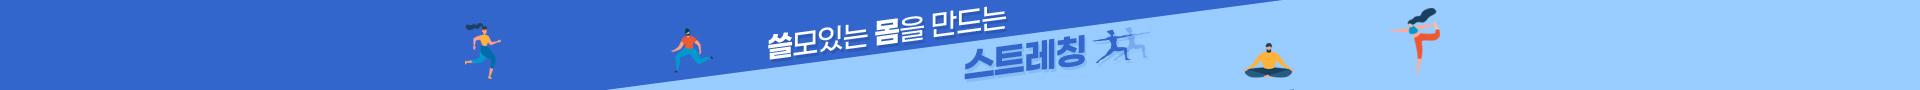 스트레칭/홈트 기획전